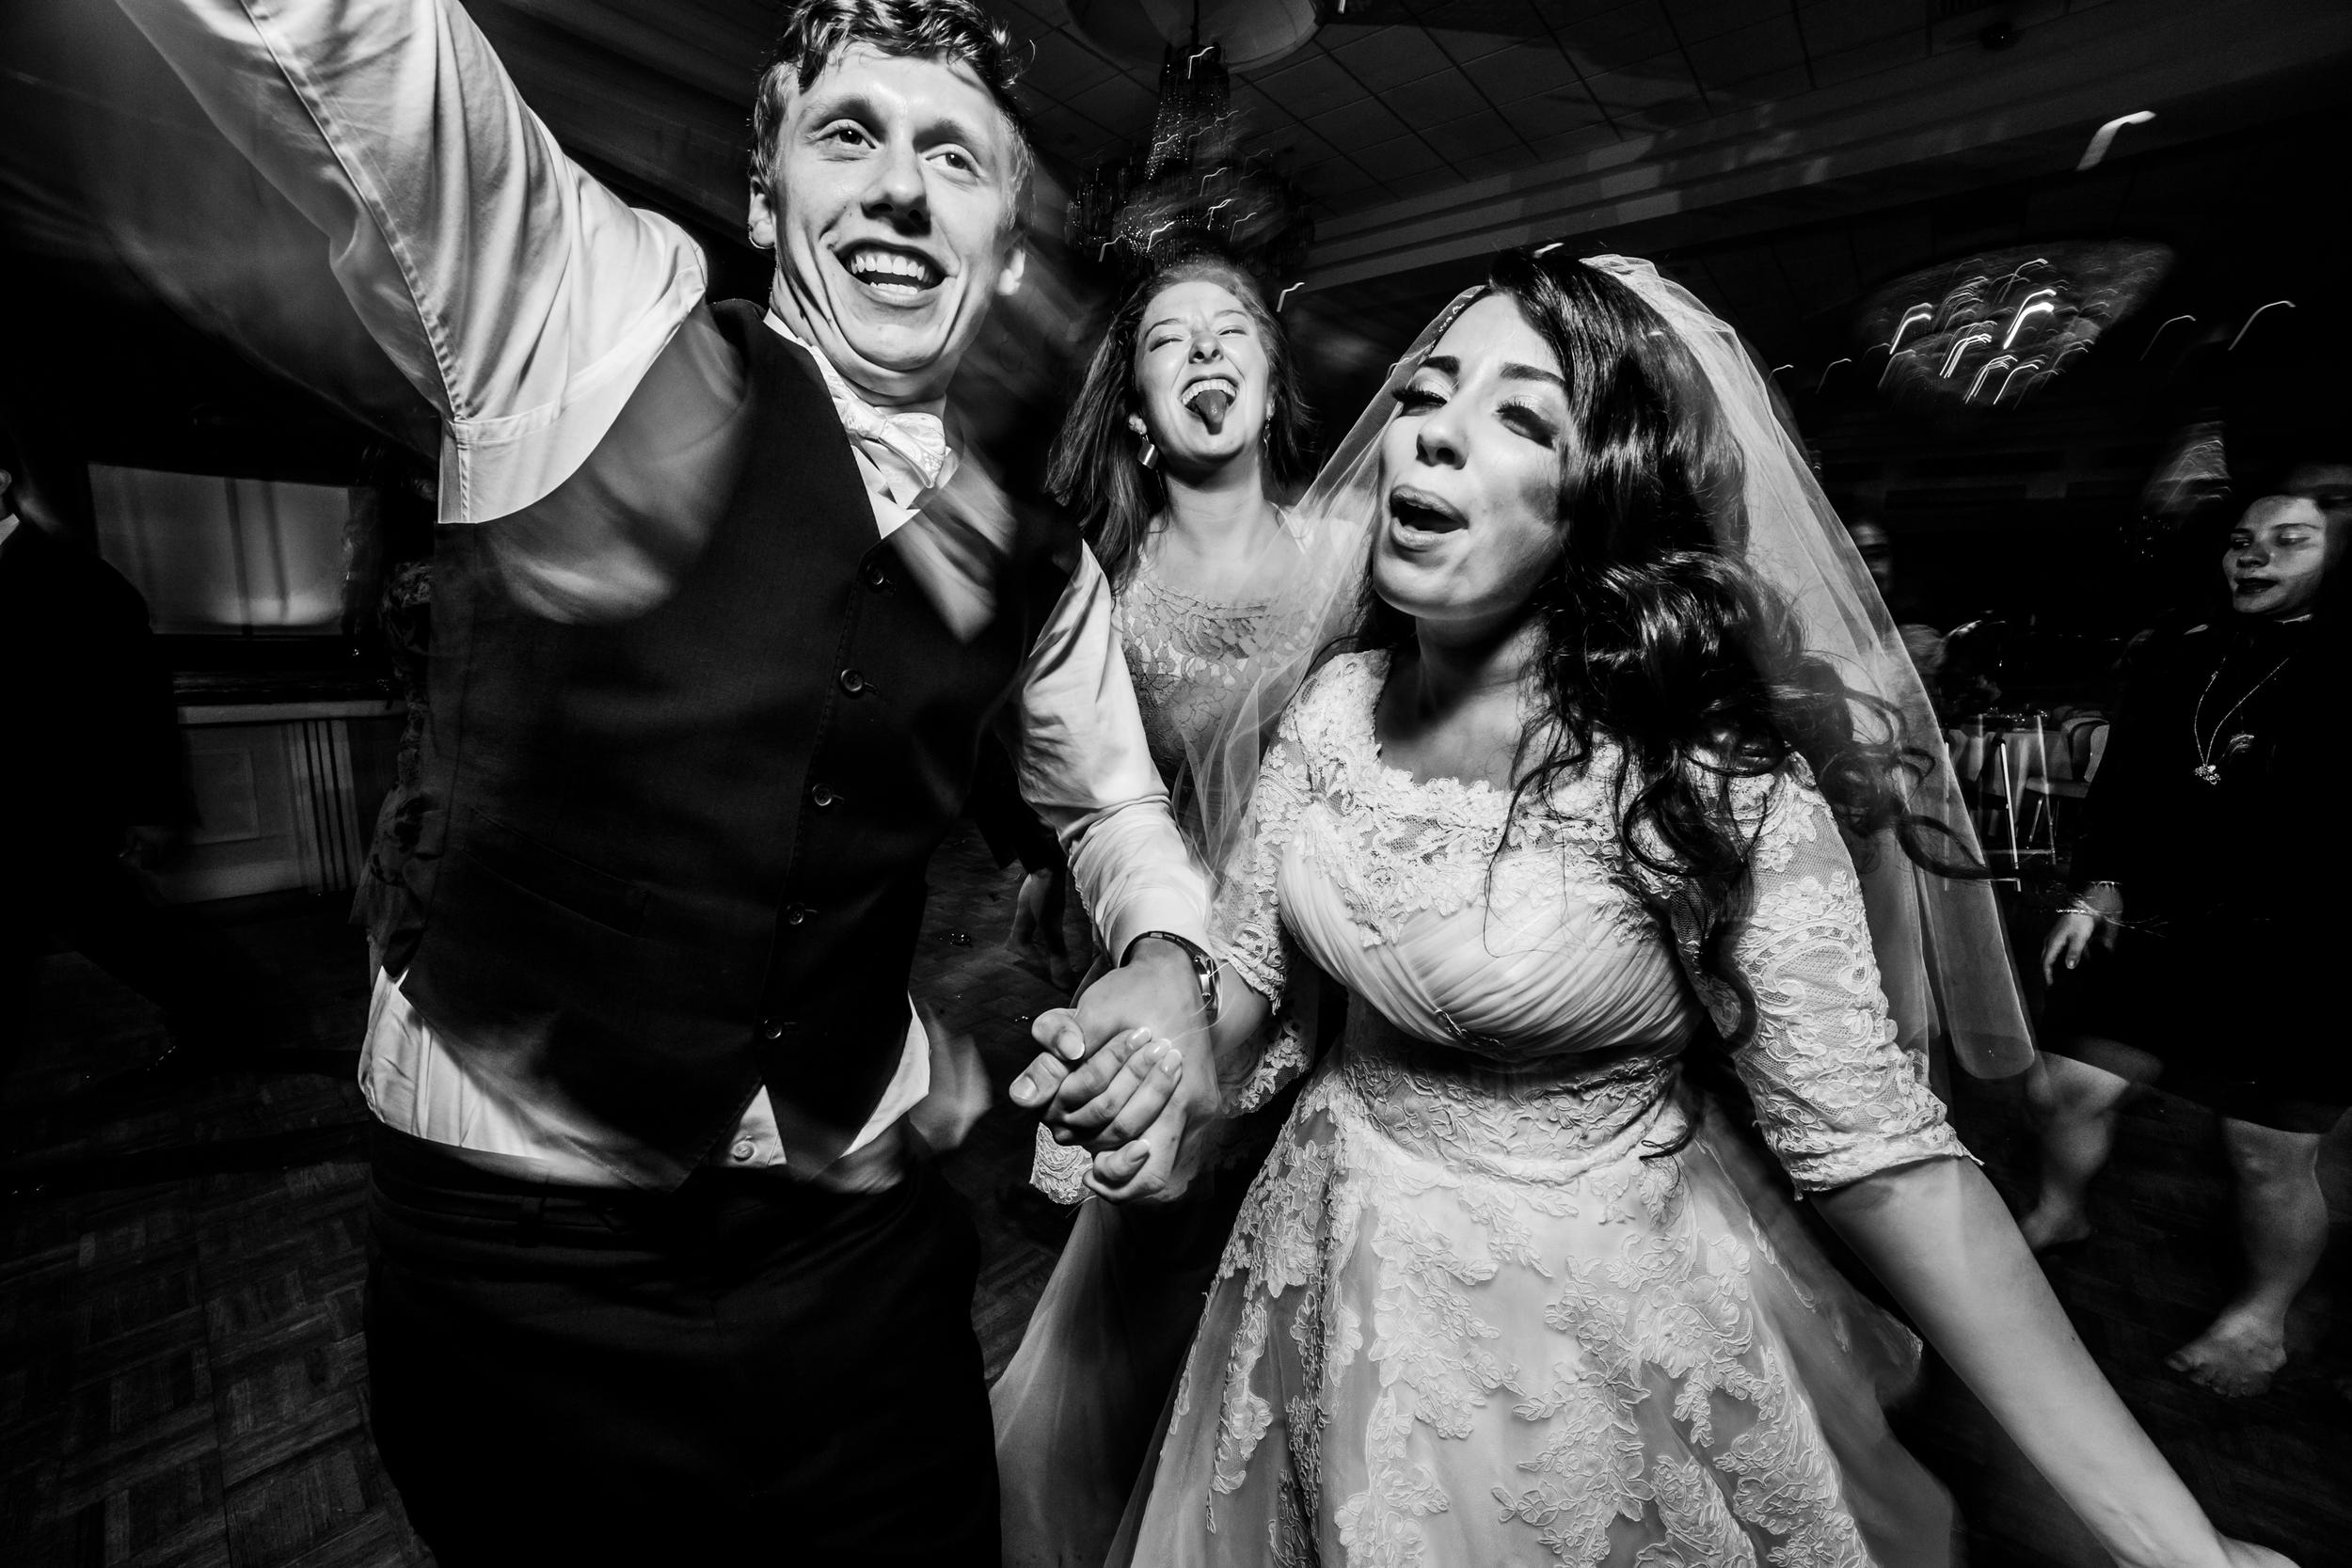 Wedding Etya & Sergey - Eliau Piha studio photography, new york, events, people-0746.jpg